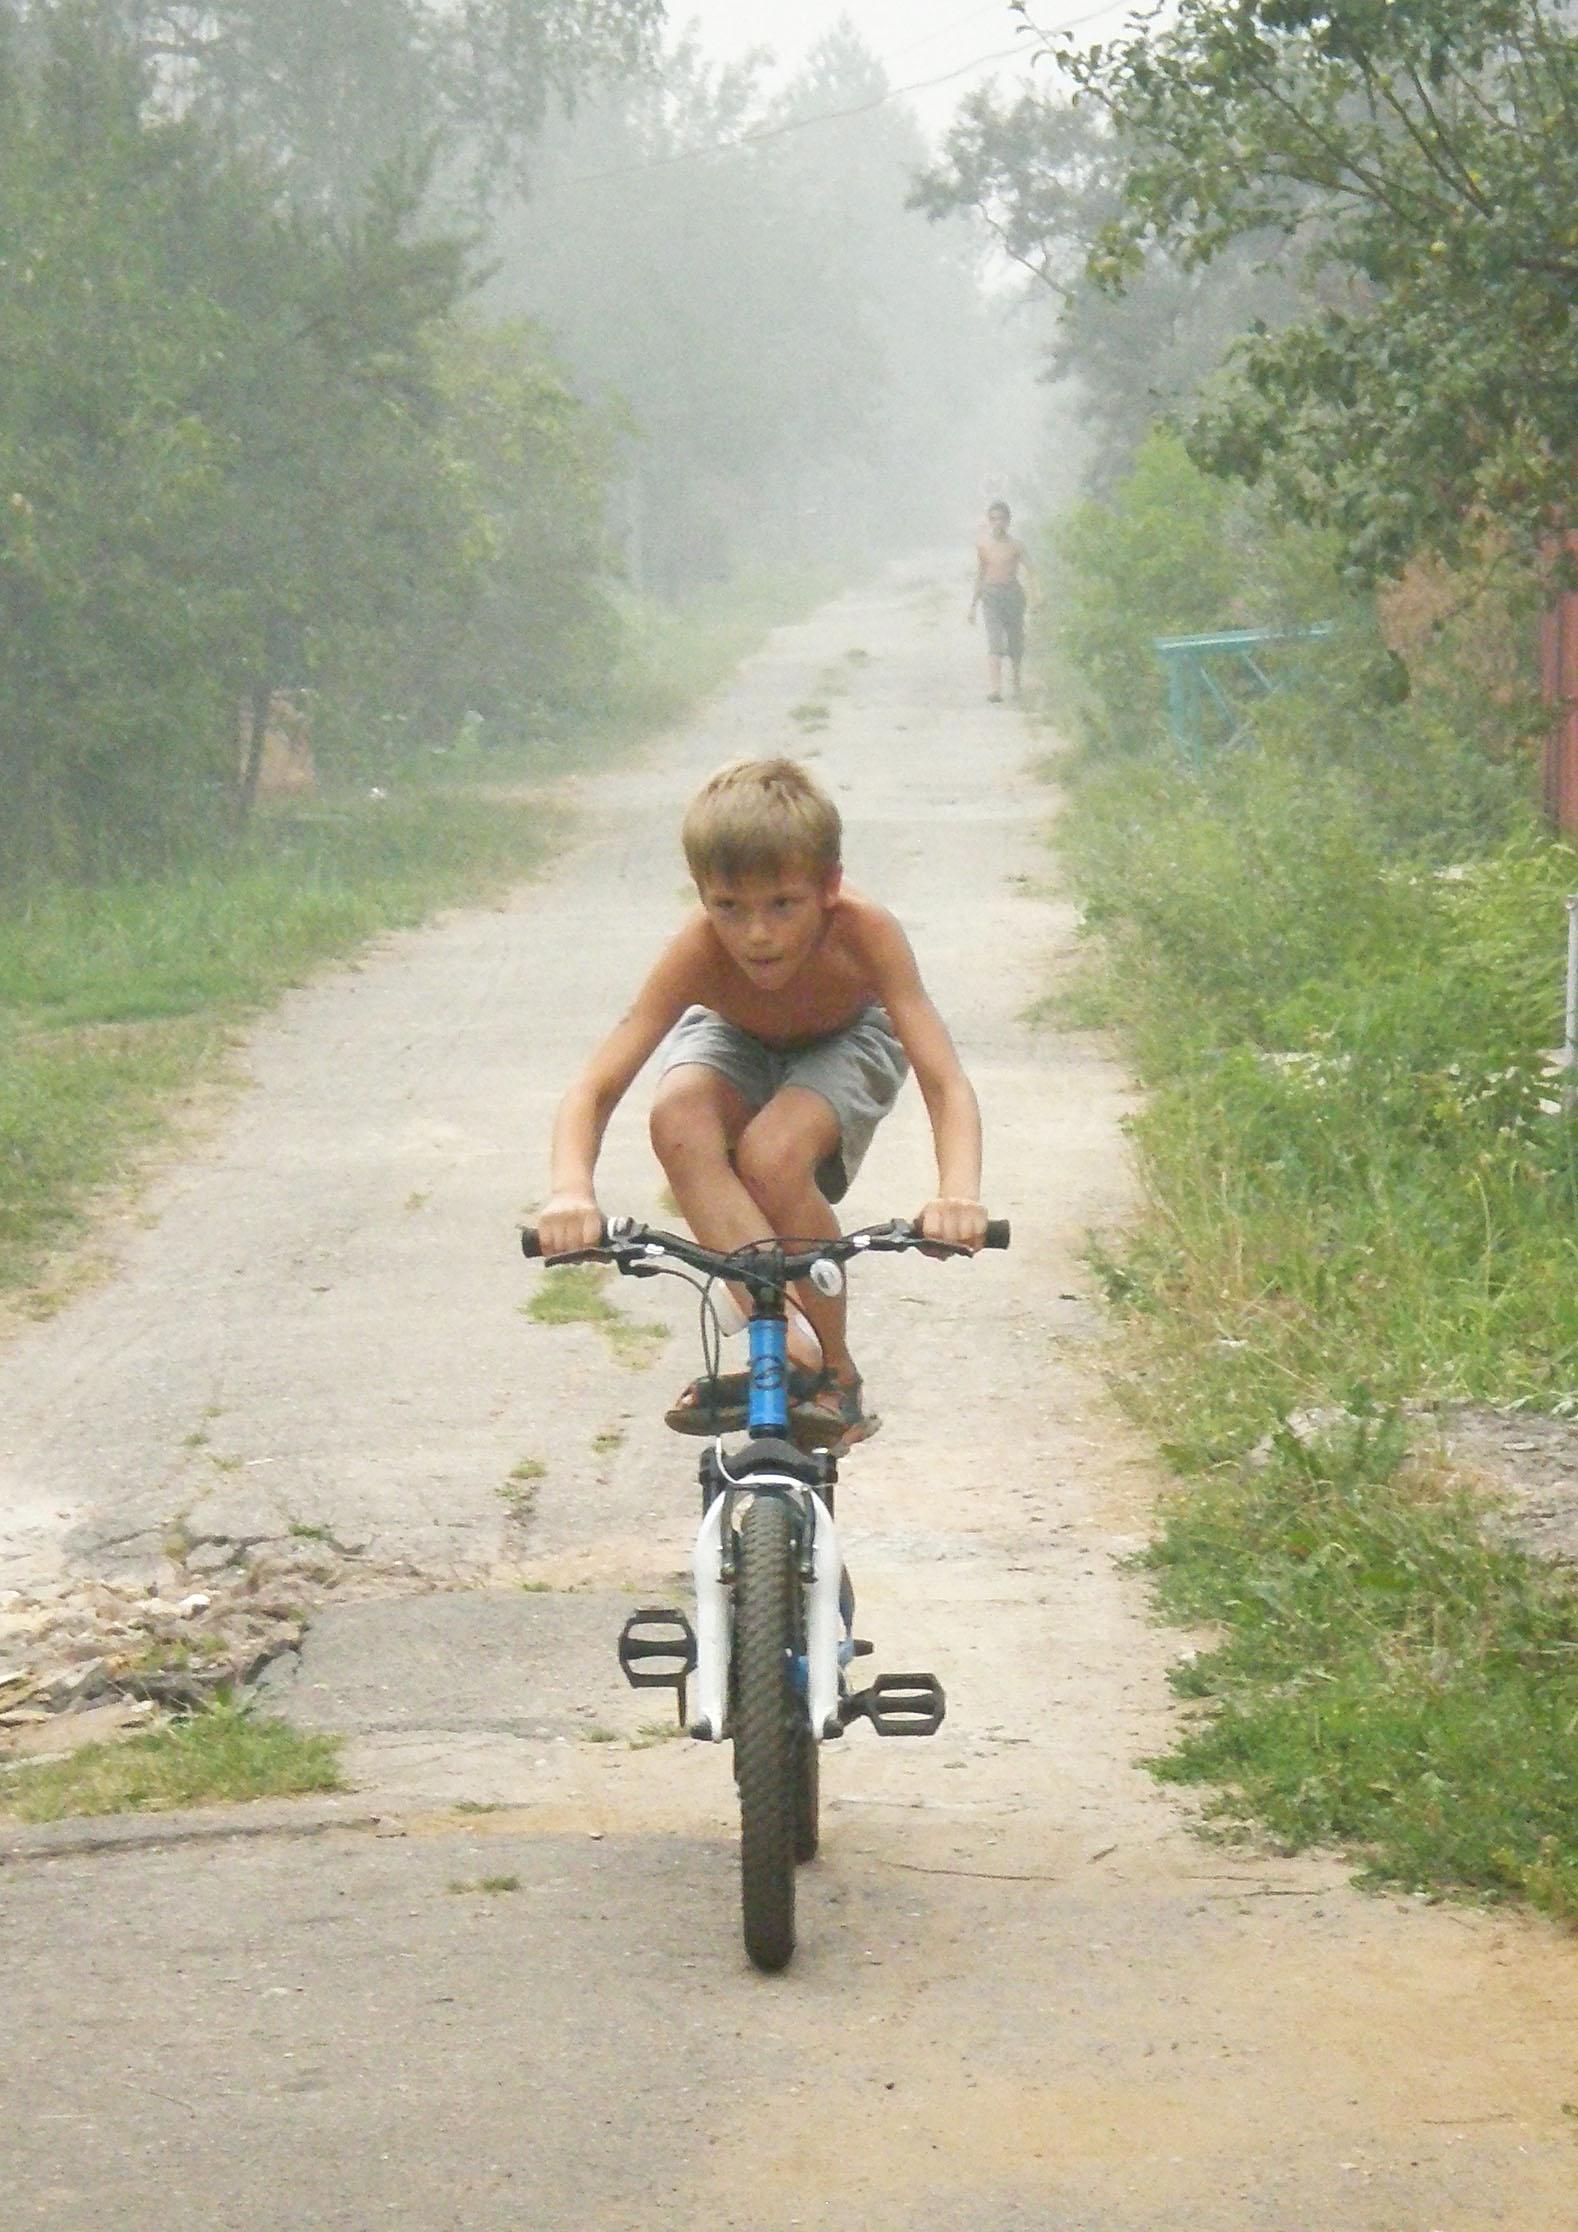 На холку ему прыгай!. Укрощение велосипеда